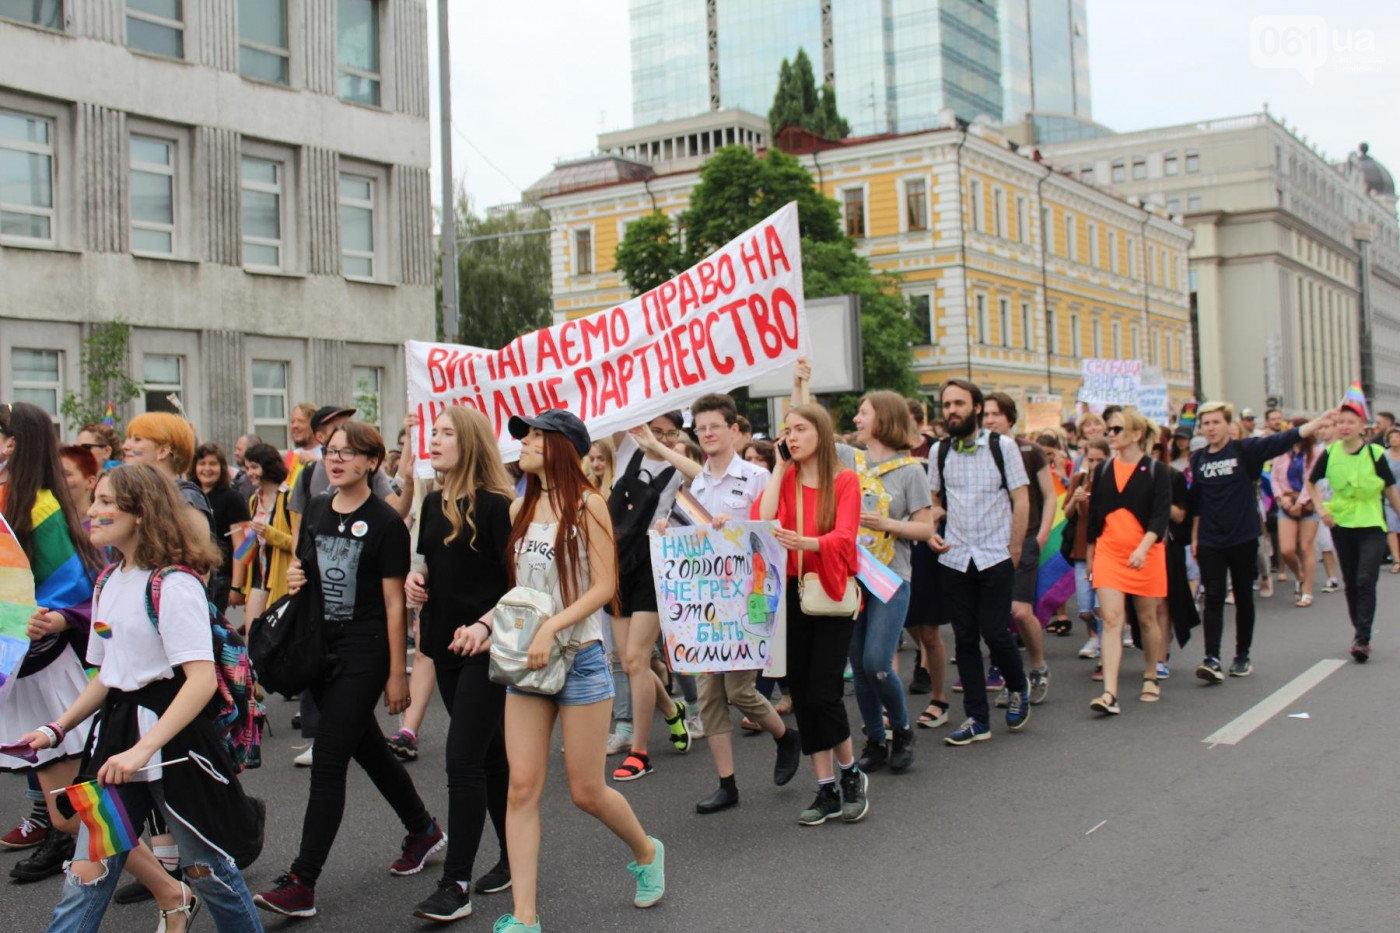 """Лука высказался против ЛГБТ: что ответили в """"ЗапорожьеПрайде"""" и при чем тут Беларусь и счетчики, фото-8"""